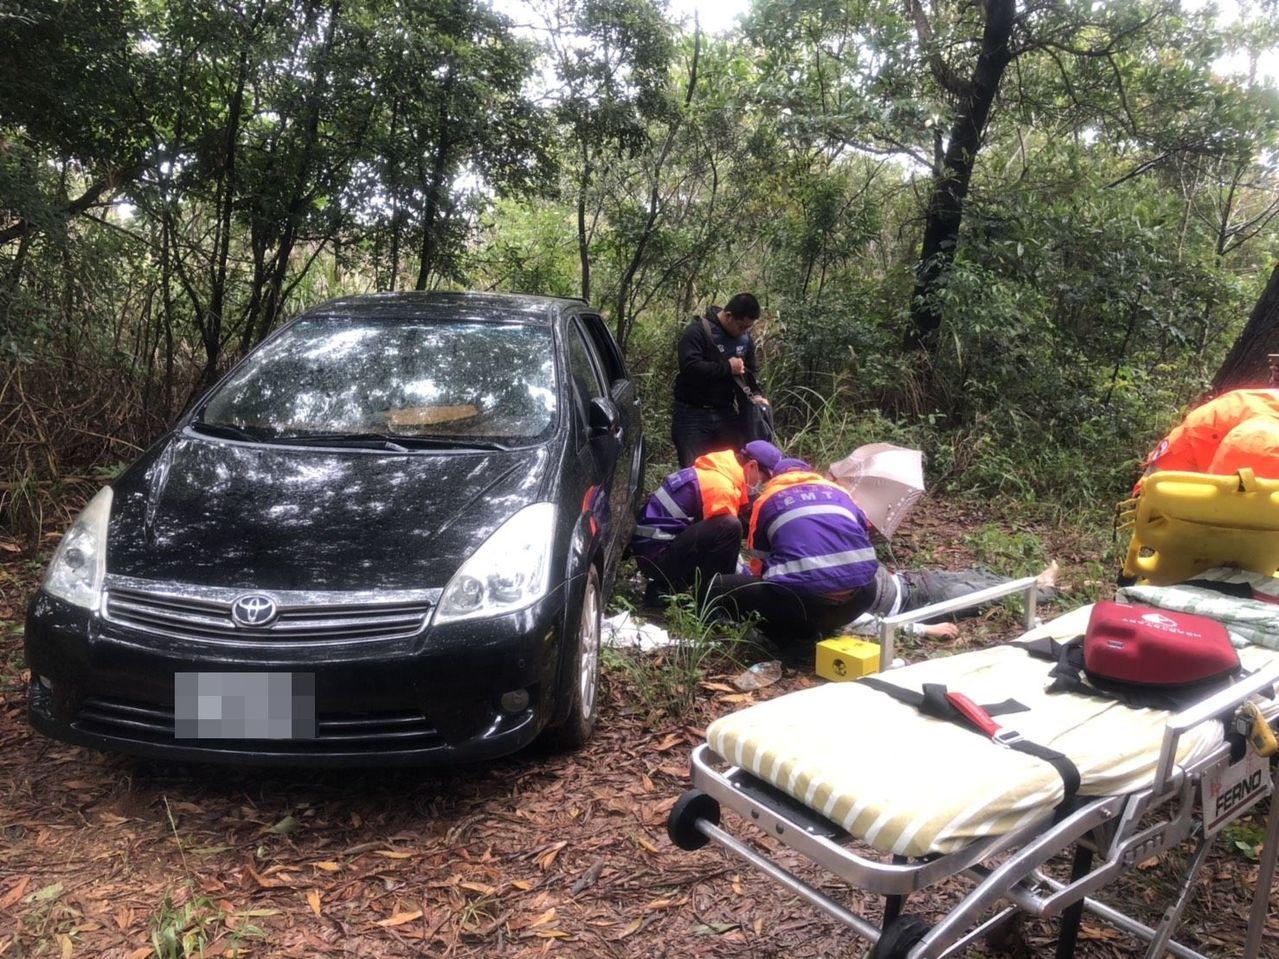 莊嫌在龜山地區產業道路飲彈自盡,尚有生命跡象被緊急送醫。記者林昭彰/翻攝